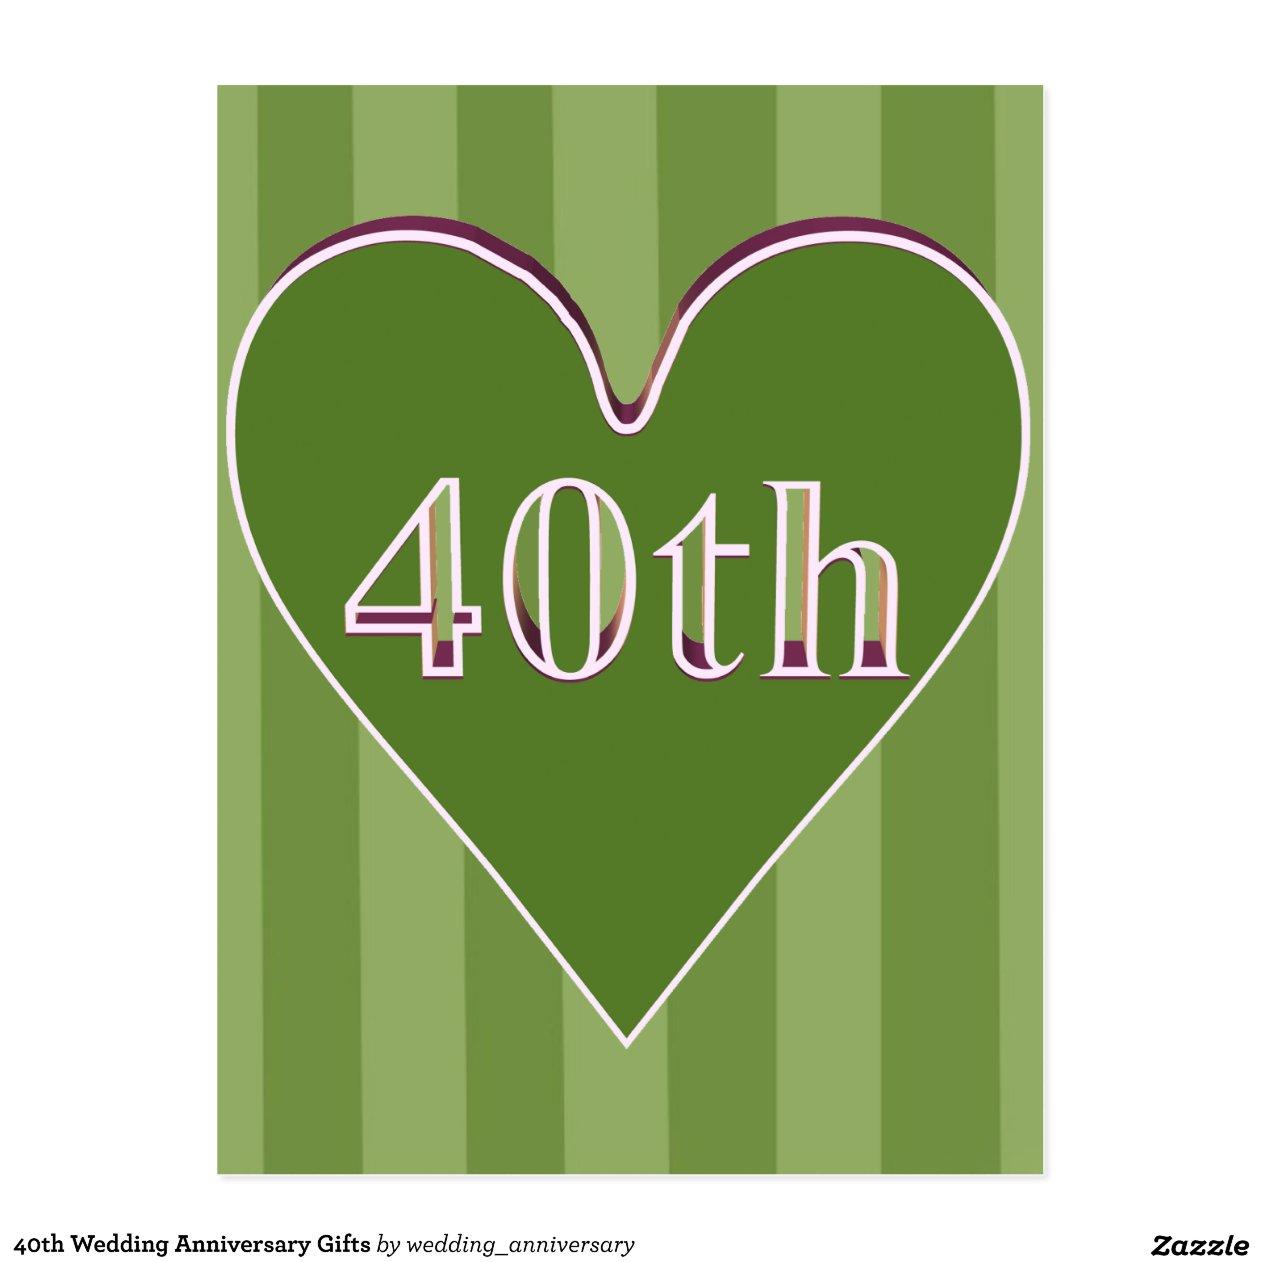 40th_wedding_anniversary_gifts_postcardr49486ad57a3c4922947904816279f90f_vgbaq_8byvr_1200jpg